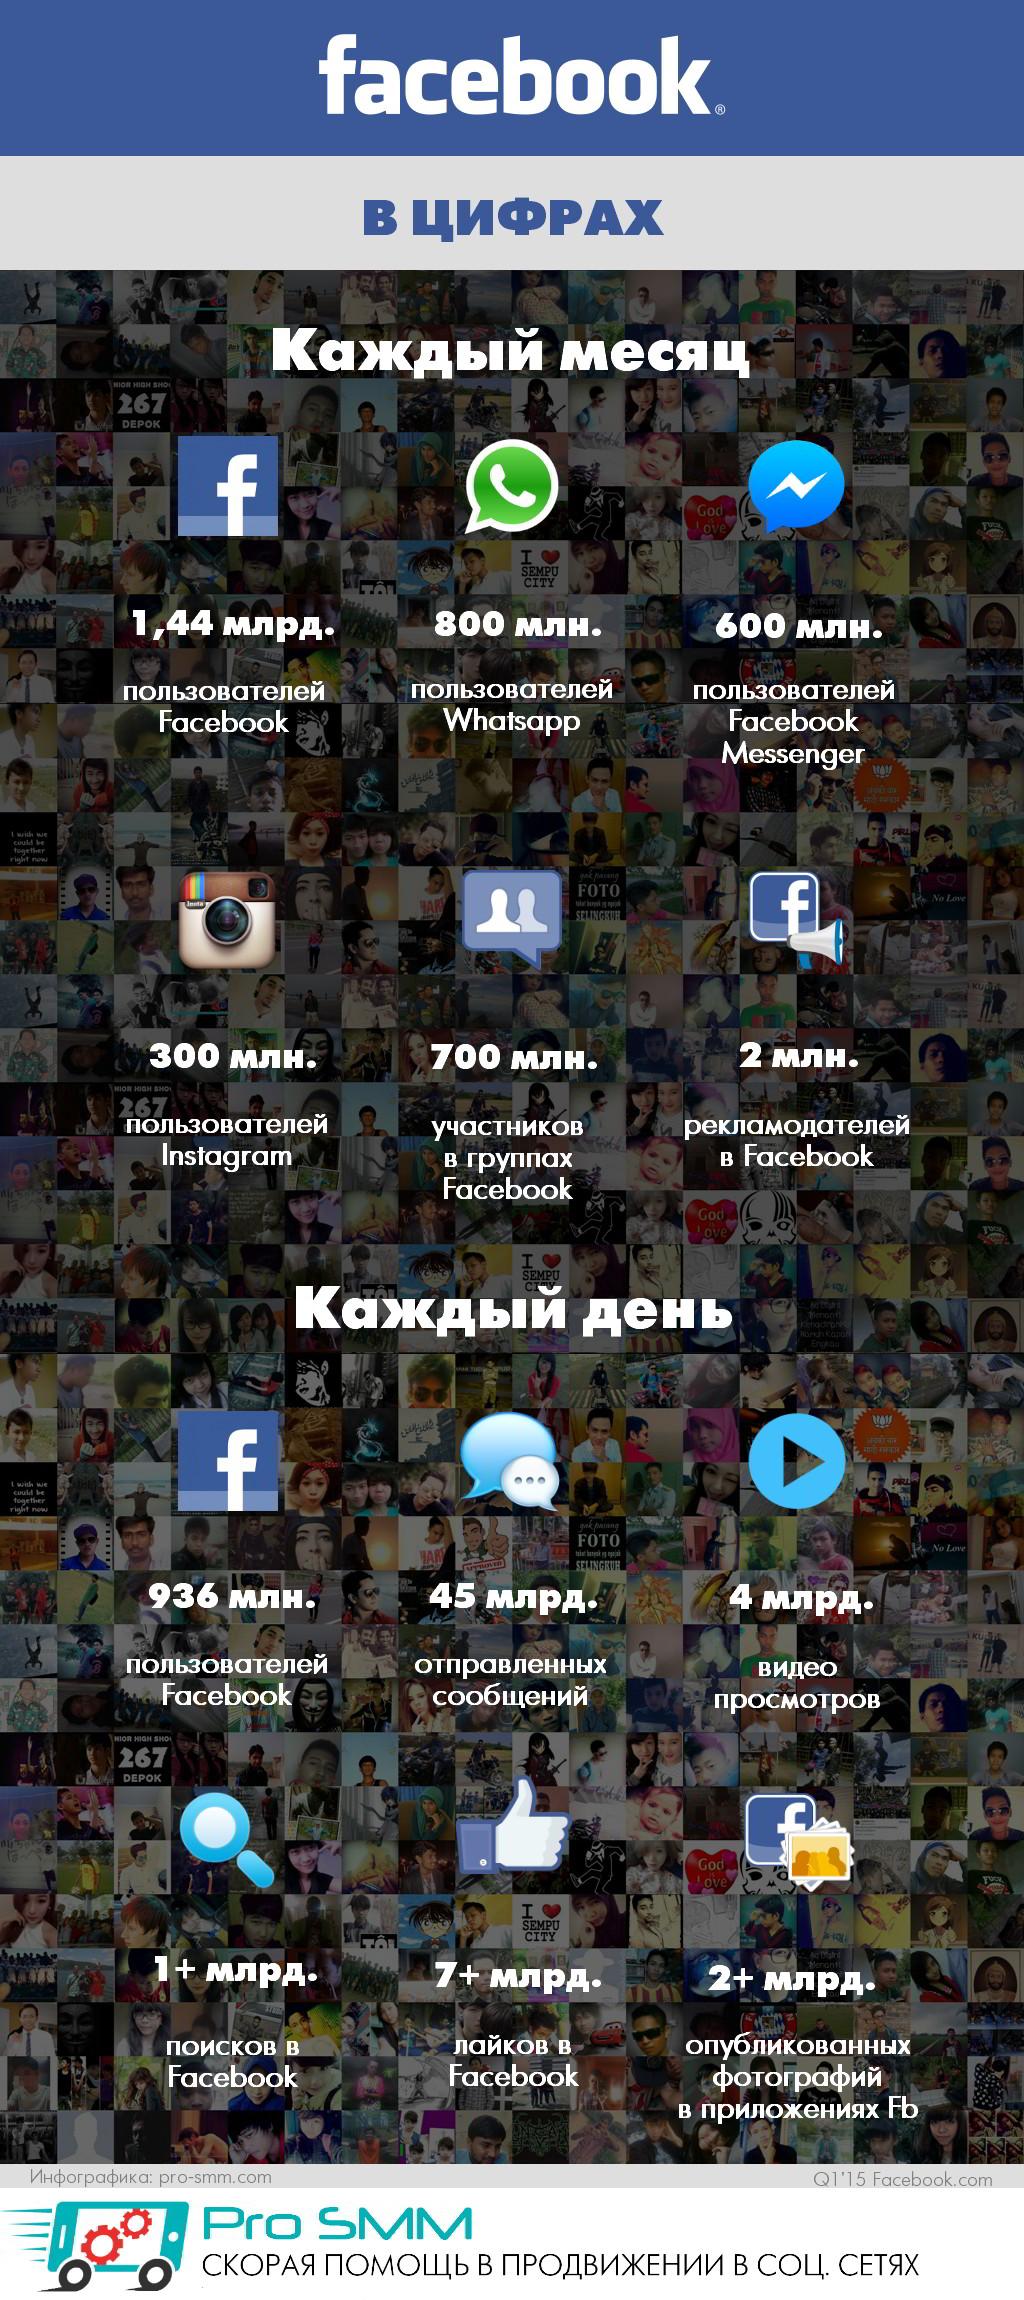 Facebook в цифрах 2015 статистика